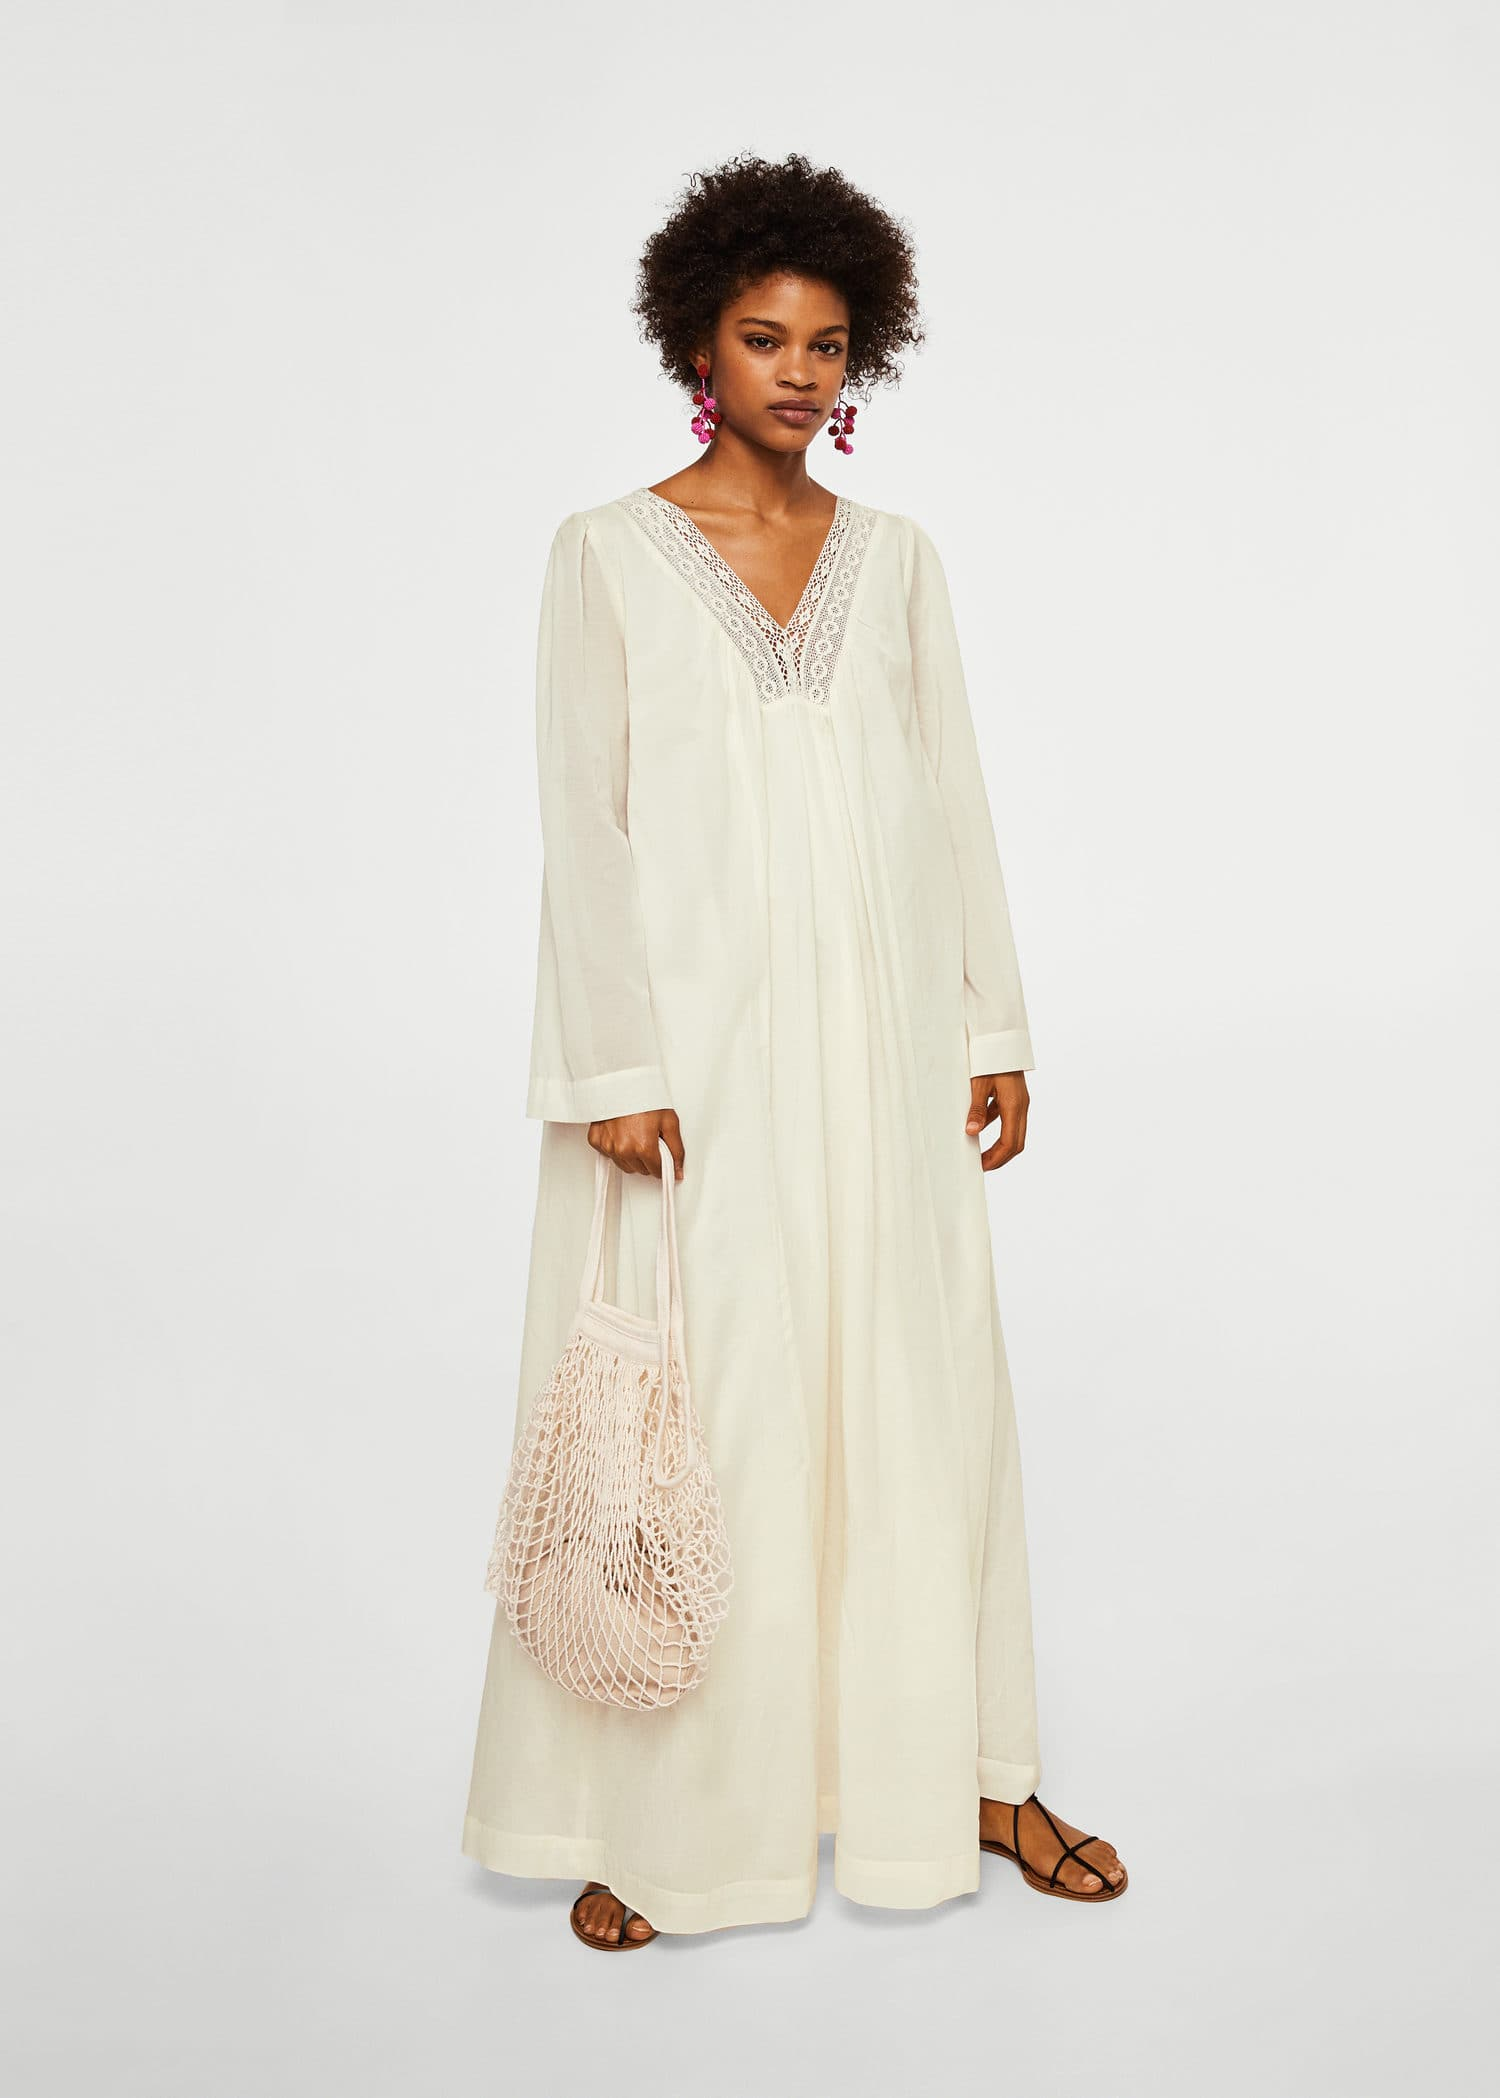 Coton Femme Ajourée Robe Mango France 5RxHYPqwn bc19726d935